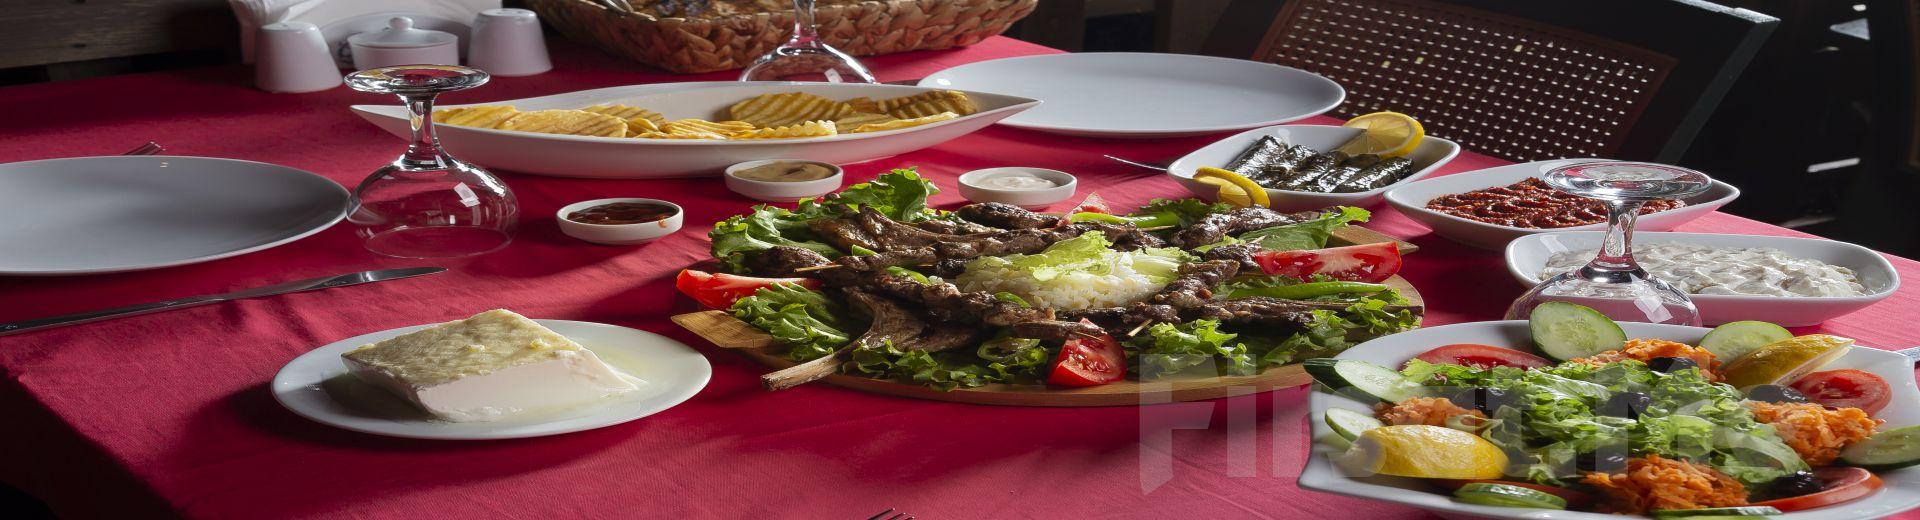 Riva Huzur Bahçesi'nde Nehir Manzarası Eşliğinde Mangal Menü